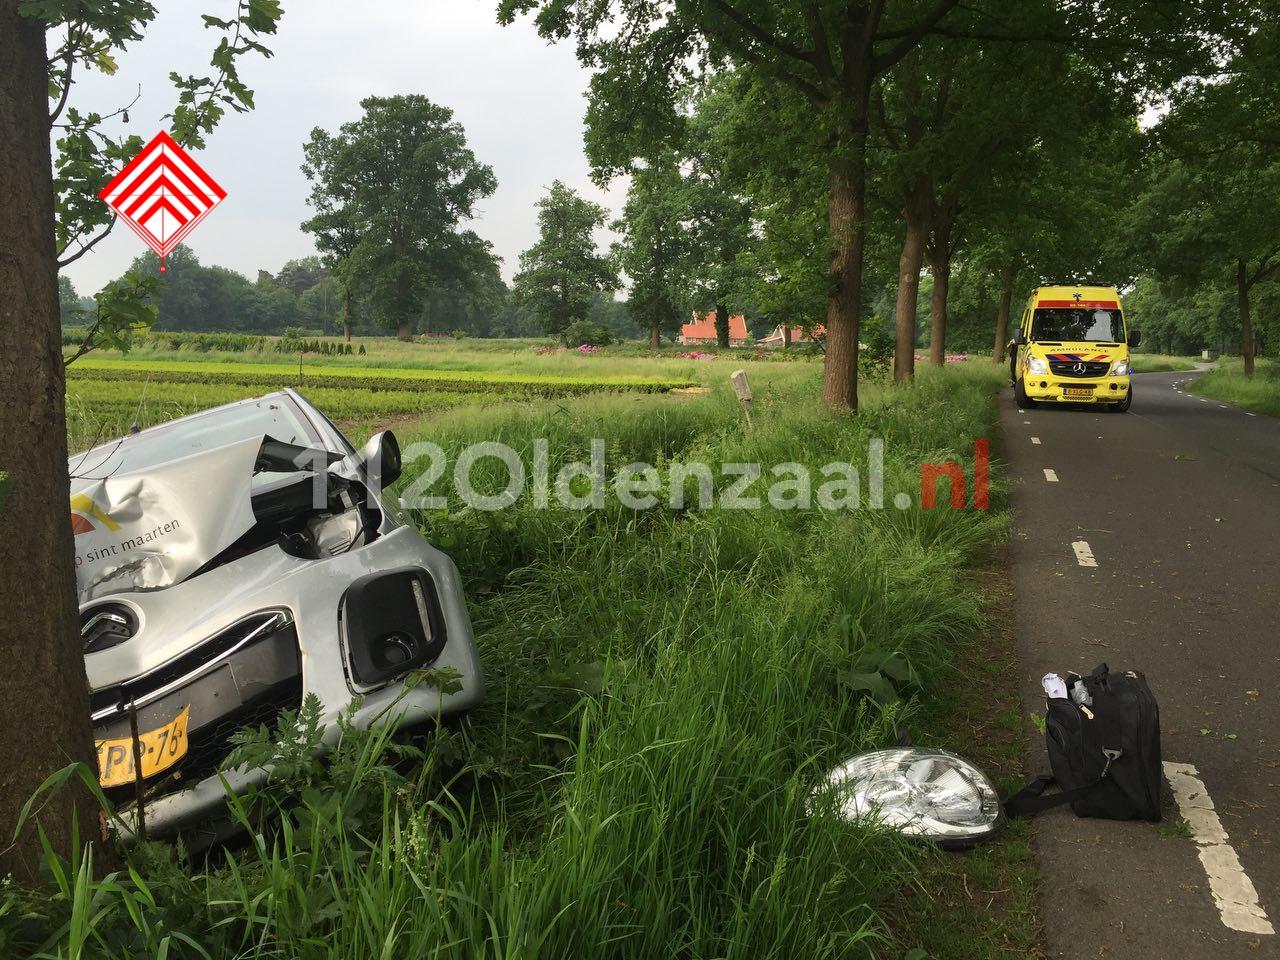 Foto 2: Vrouw gewond bij eenzijdige aanrijding in Beuningen, auto belandt in sloot